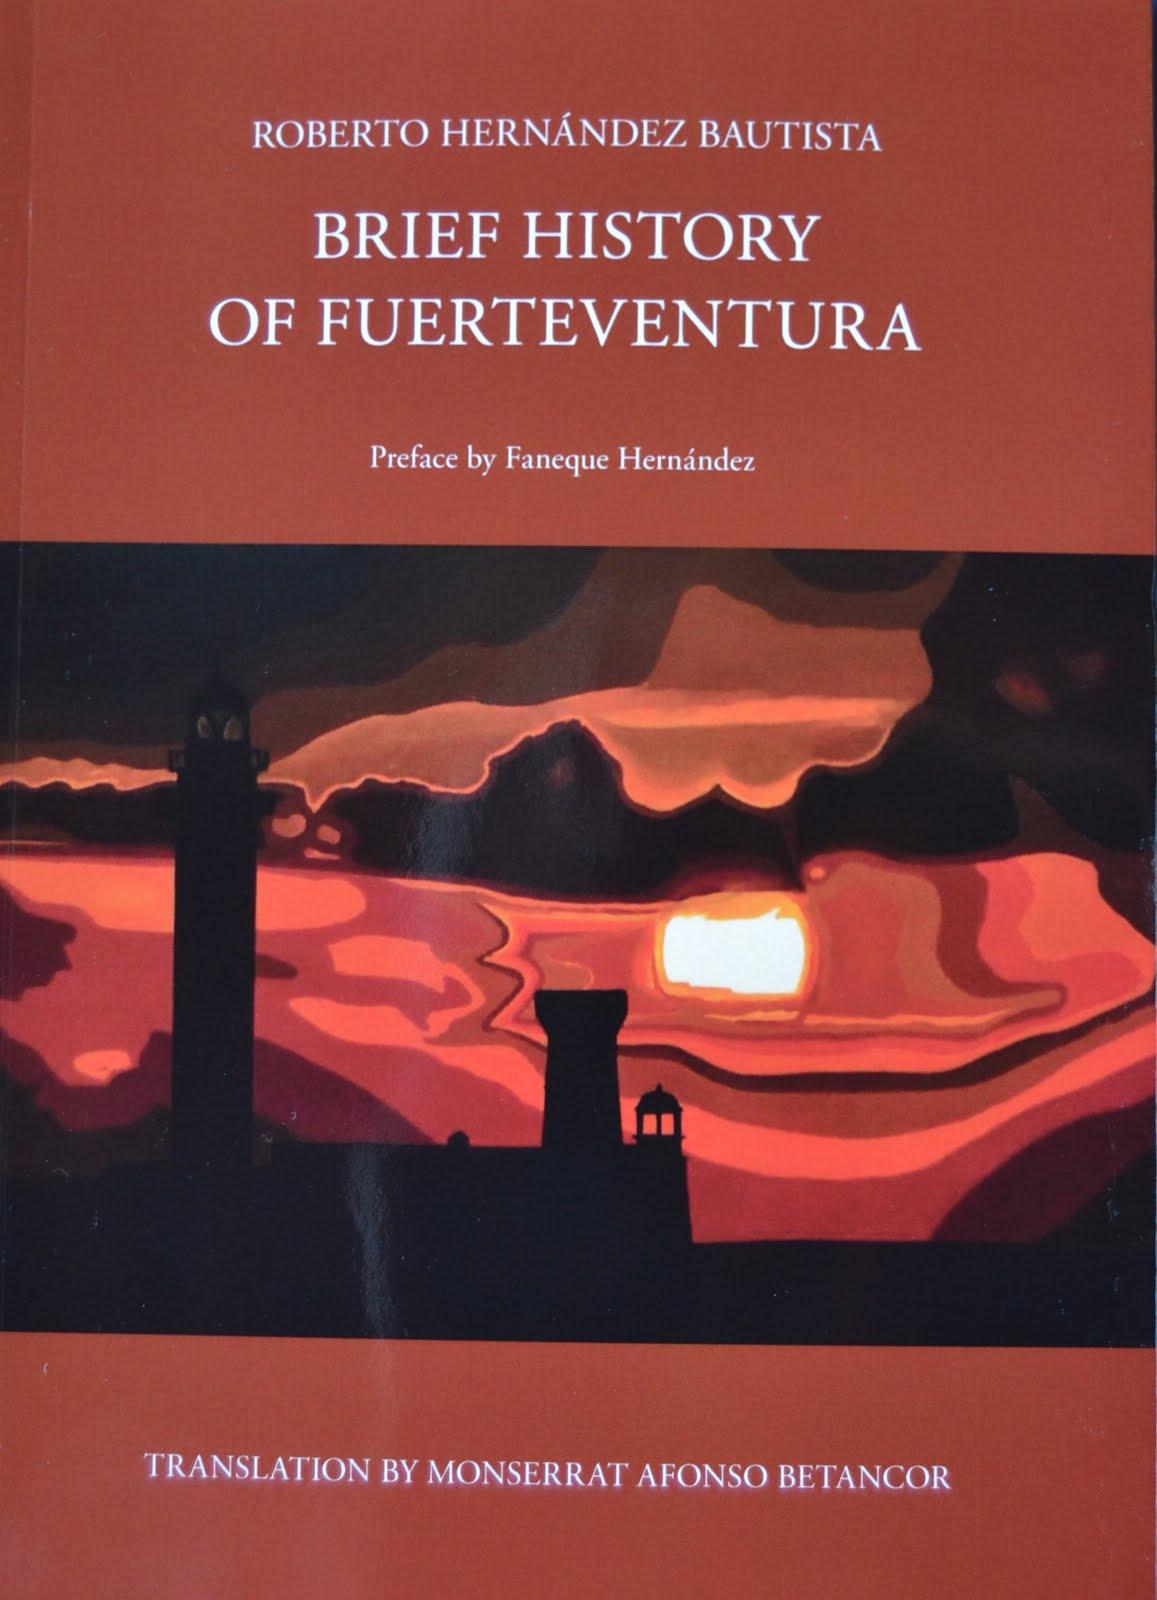 Nueva edición inglesa.